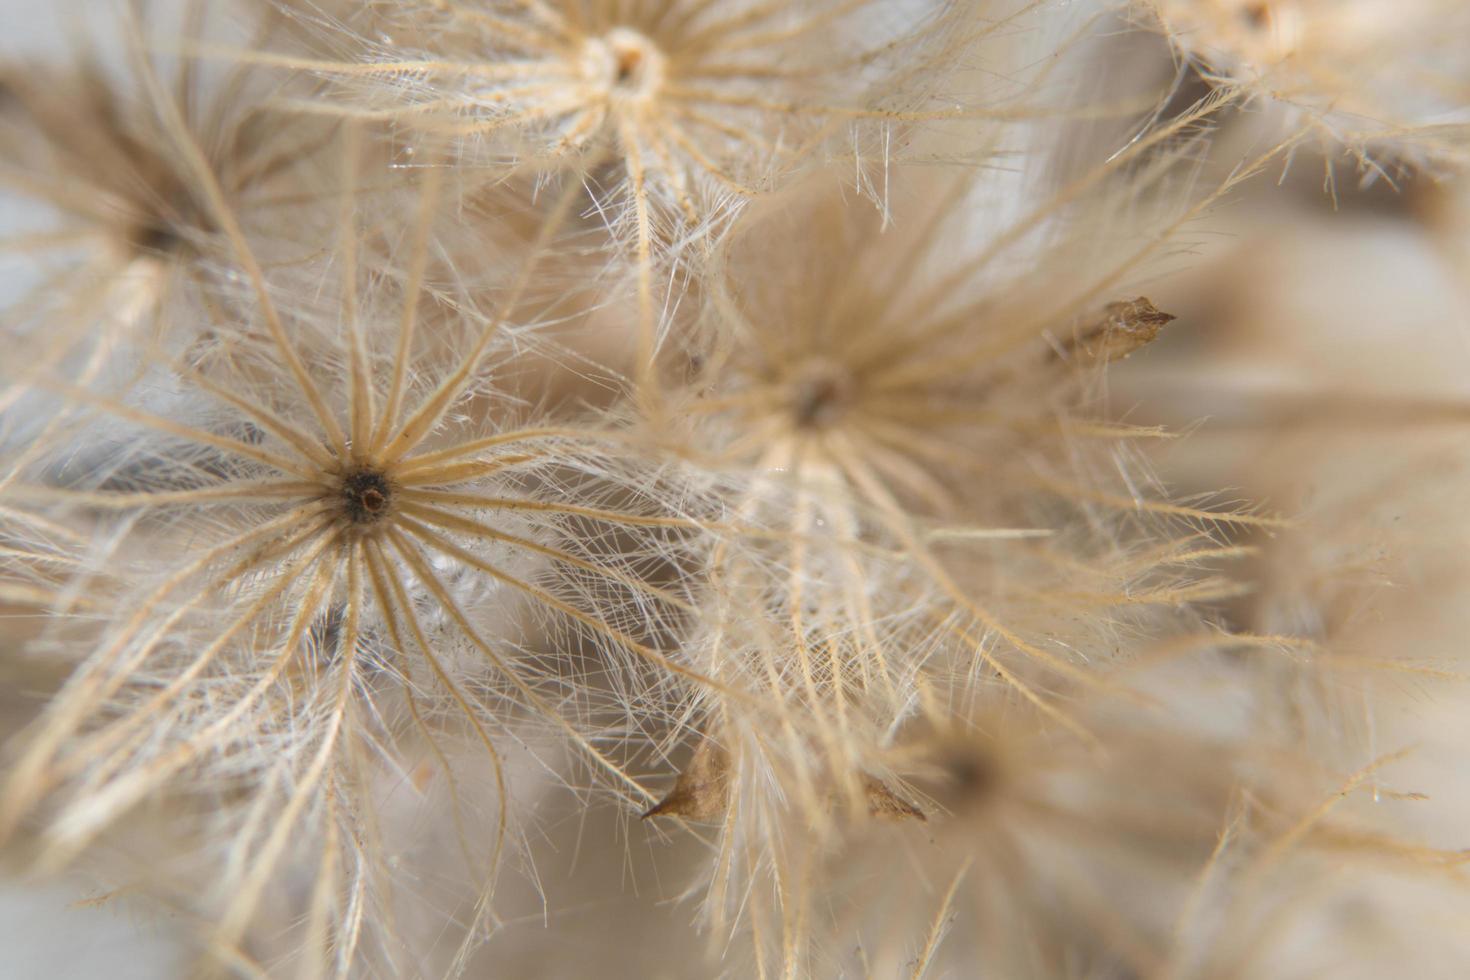 fiore di campo, foto in primo piano